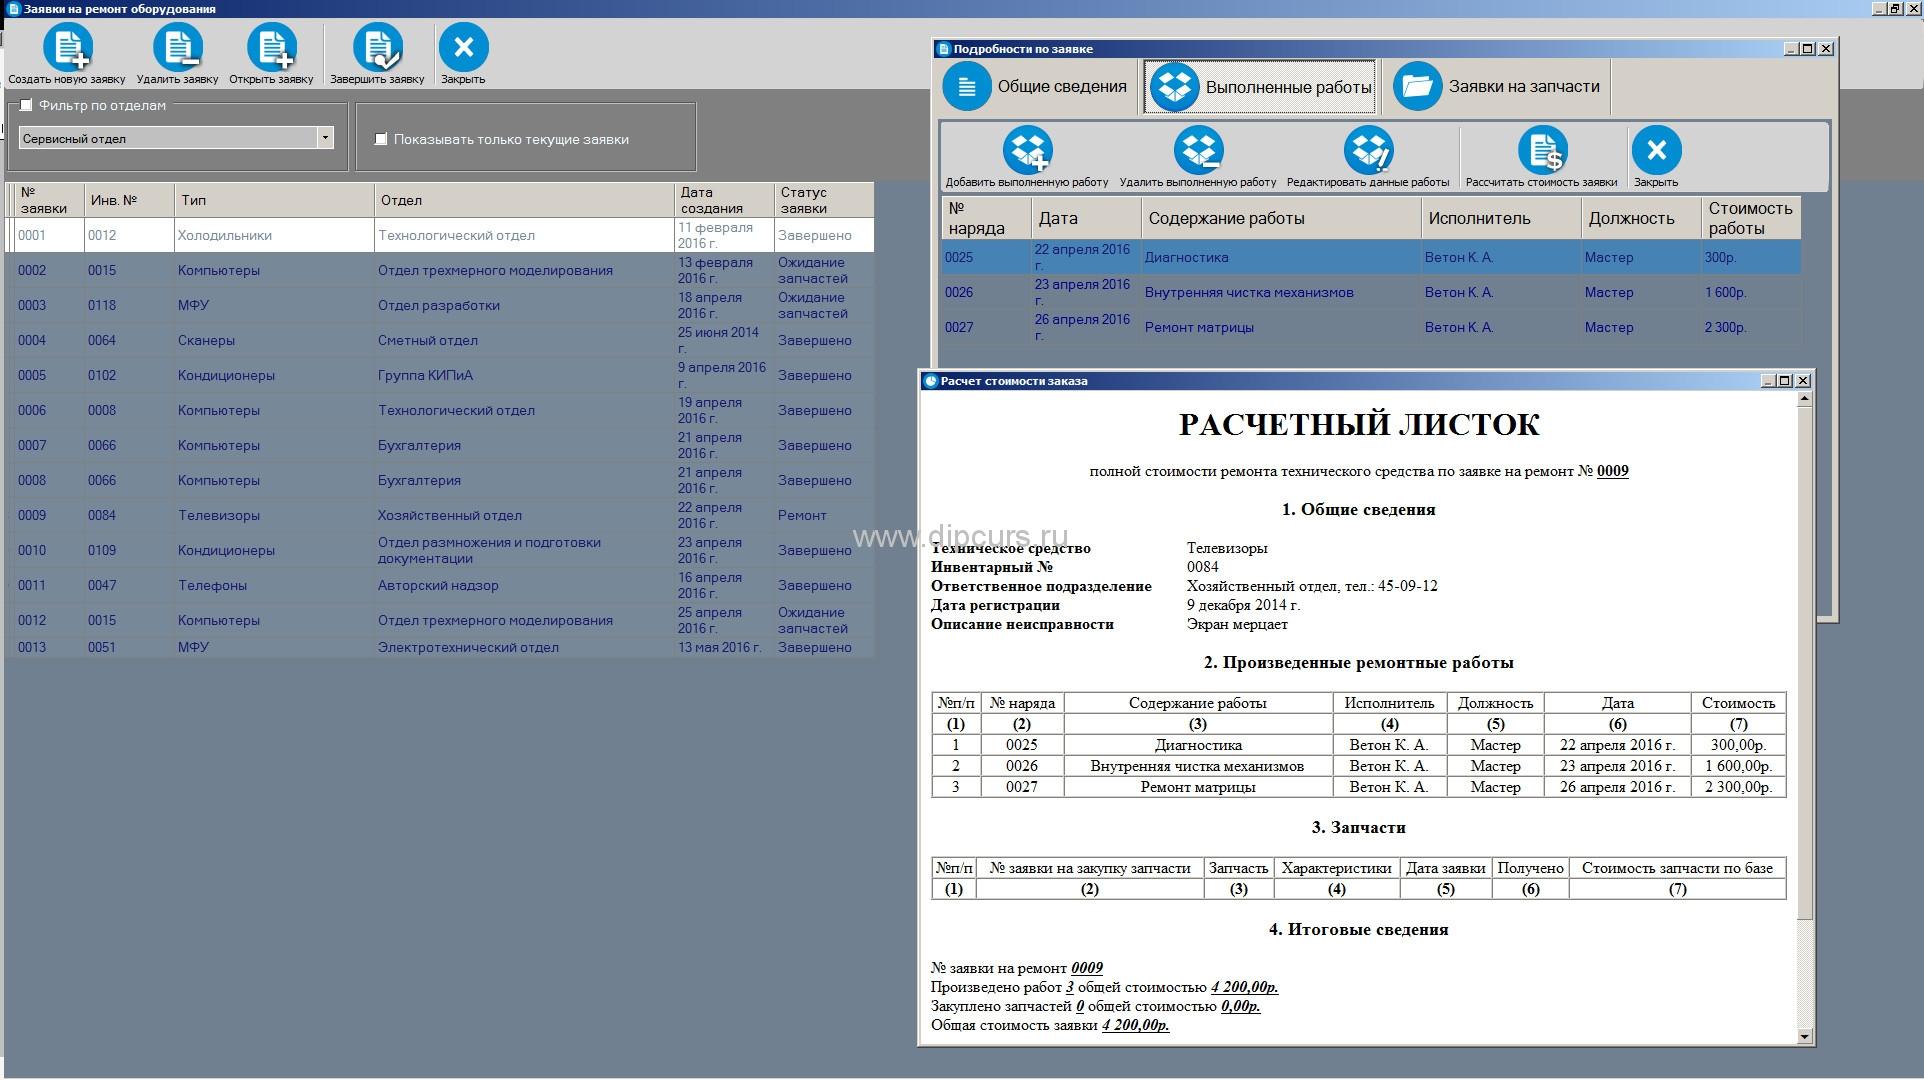 c dipcurs Страница работы с заявками системы учета деятельности сервисного отдела